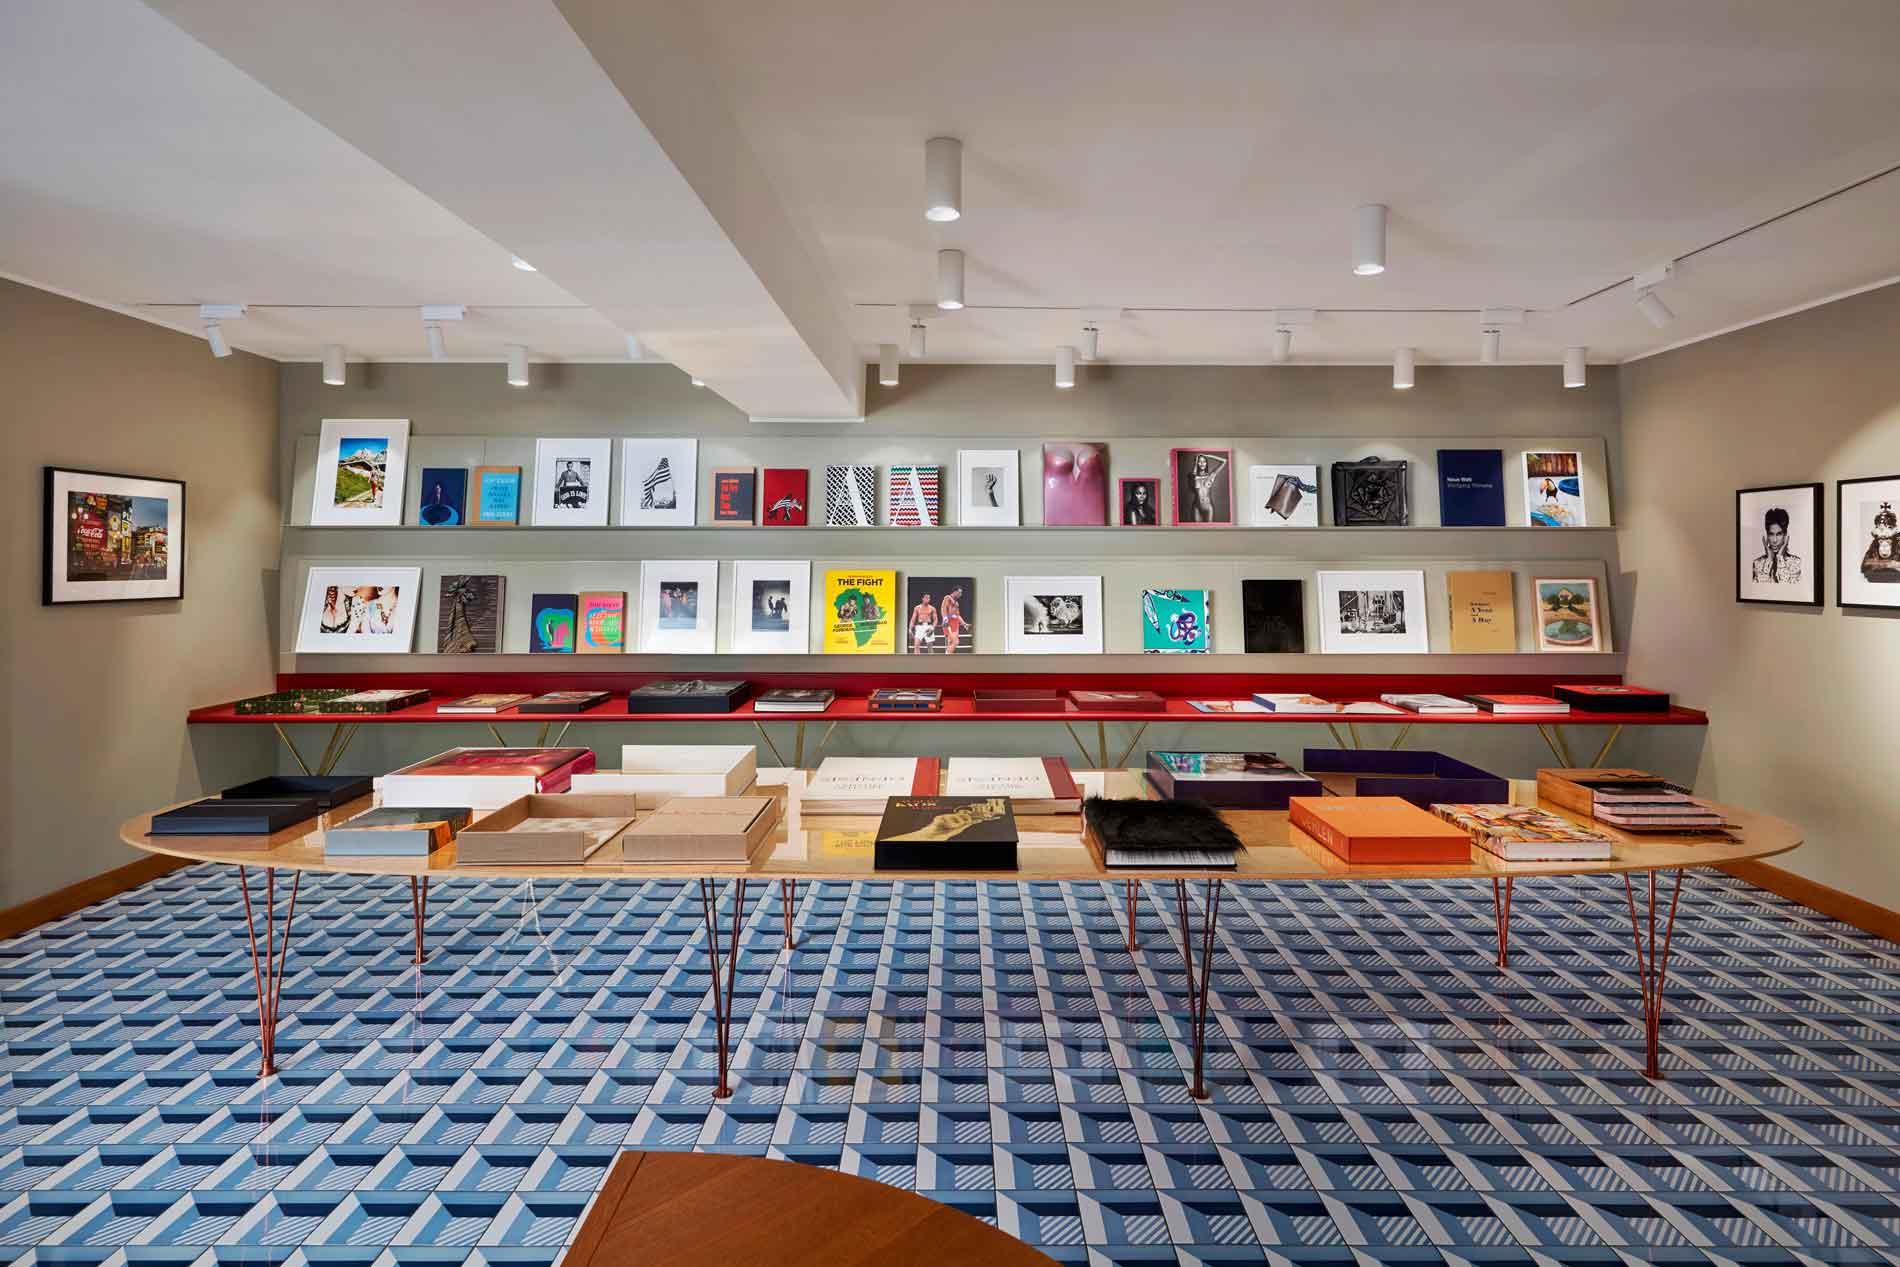 Sale im Taschen Verlag, Taschen Sale, Rabatte, Buch, Bücher,